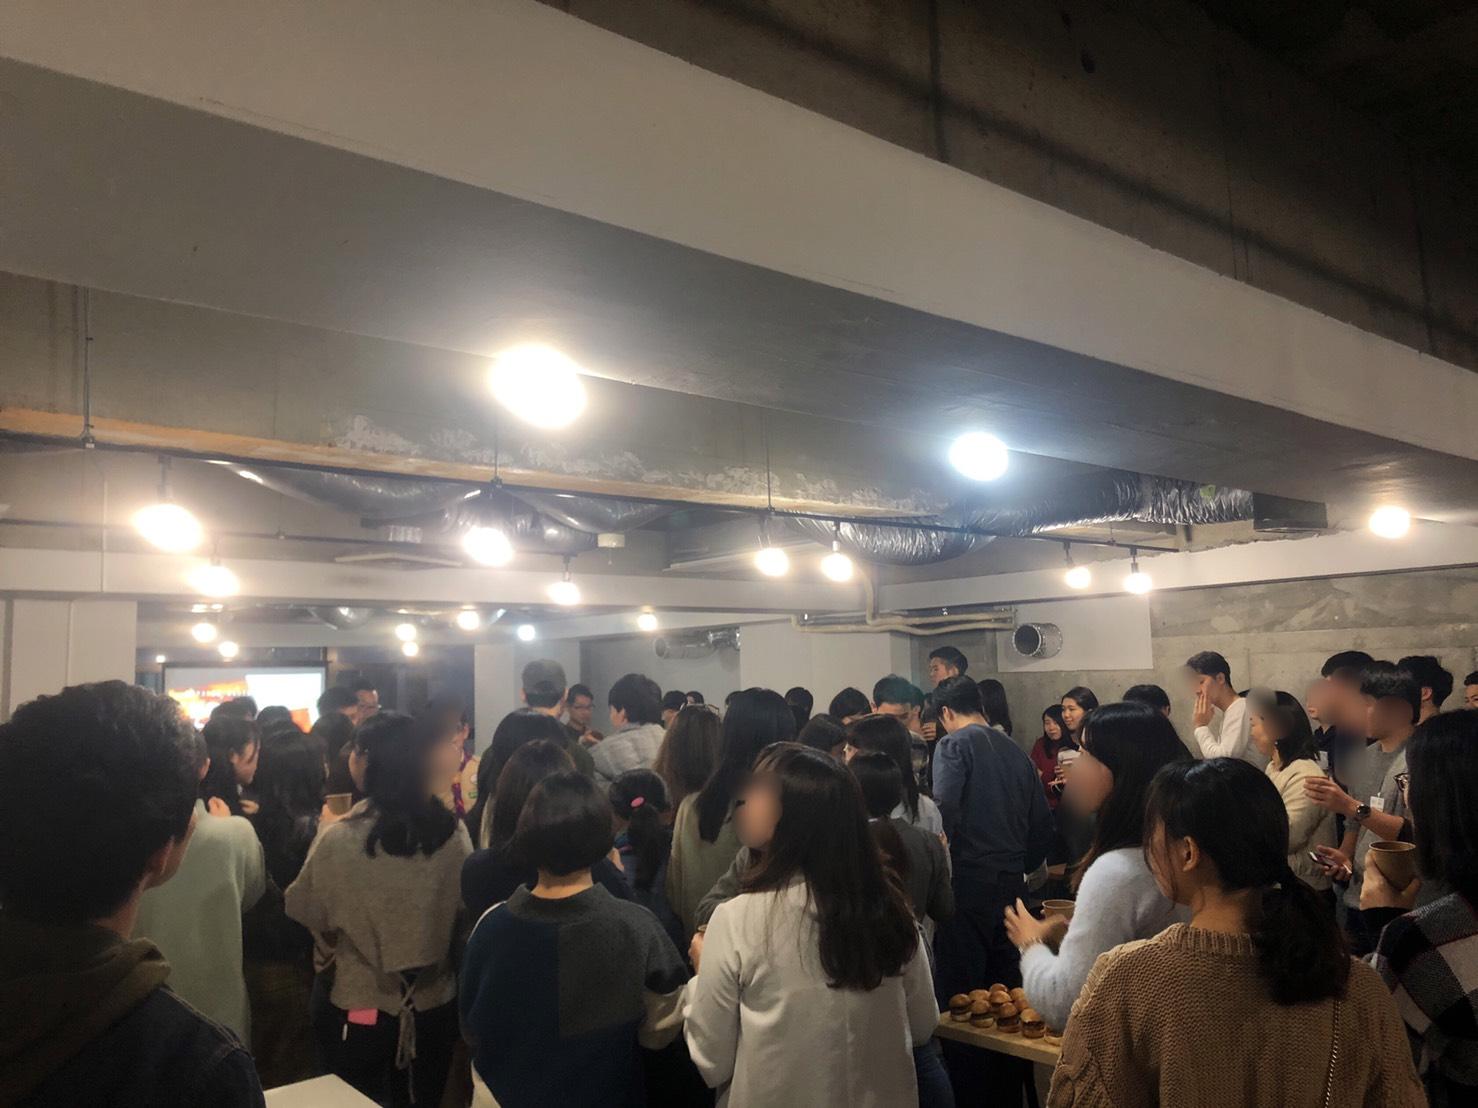 Creator'sDistrict神保町で忘年会が開催されました!|TIME SHARING|タイムシェアリング|スペースマネジメント|あどばる|adval|SHARING